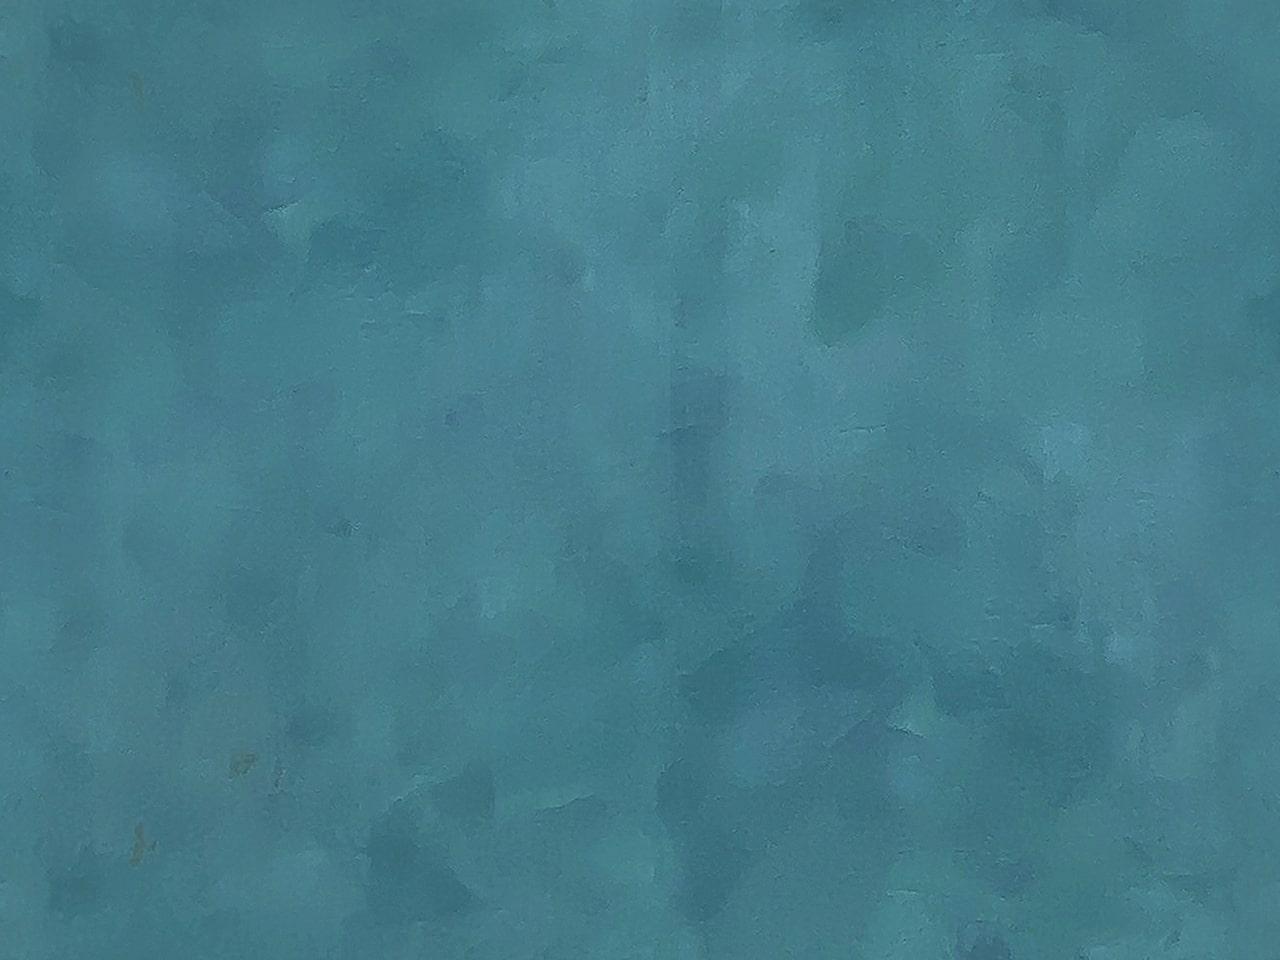 sơn giả bê tông rain aw31c - raw31c